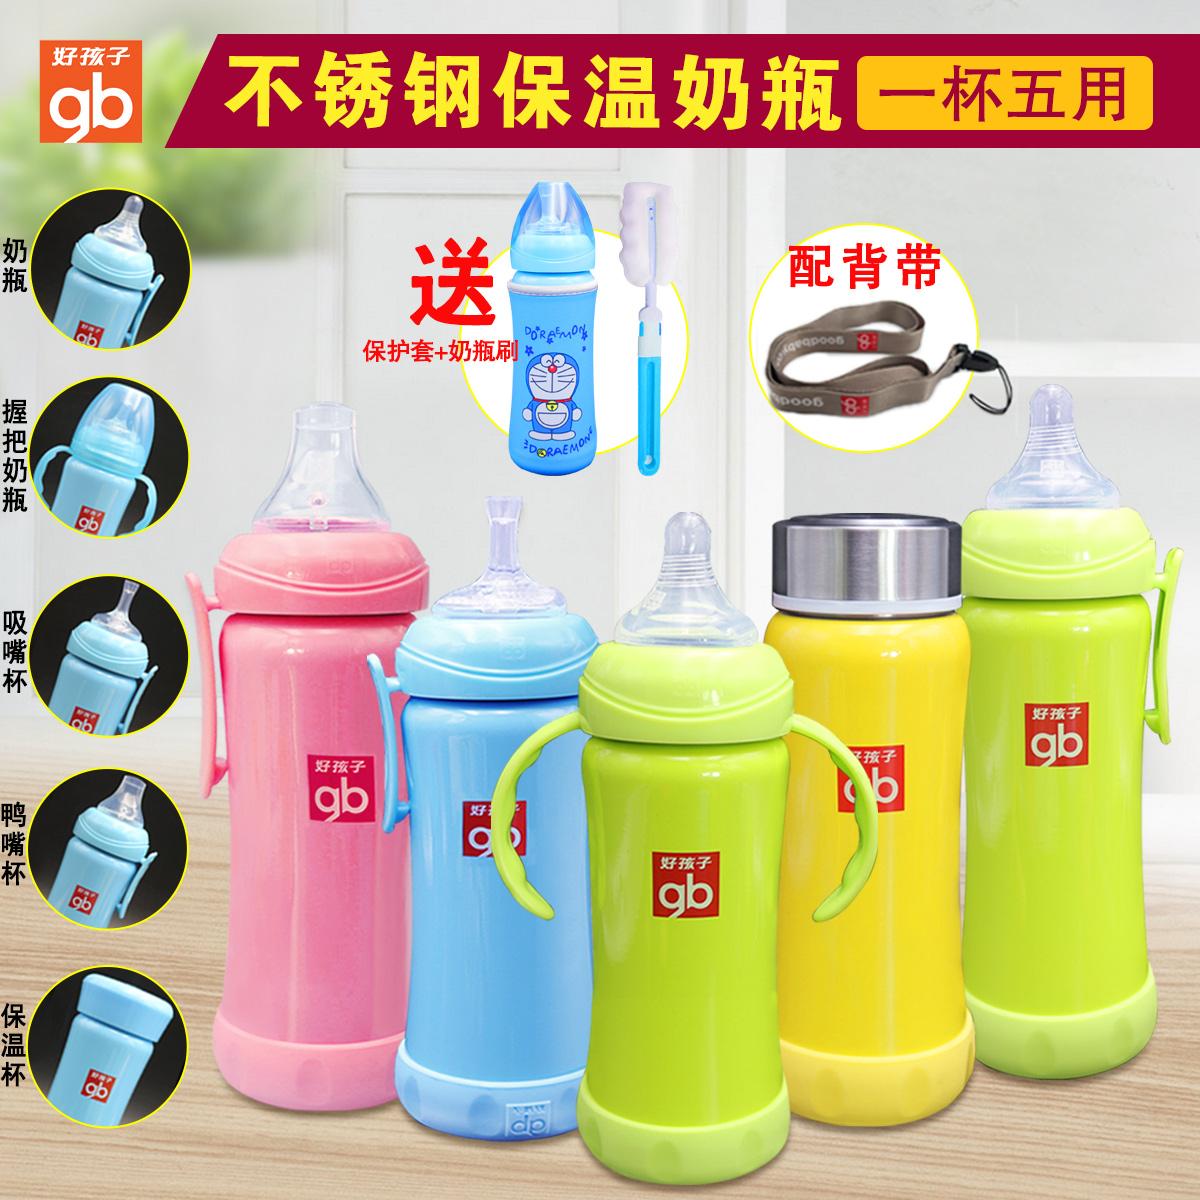 好孩子双层不锈钢保温奶瓶宽口径新生儿奶壶宝宝吸管杯婴儿保温杯